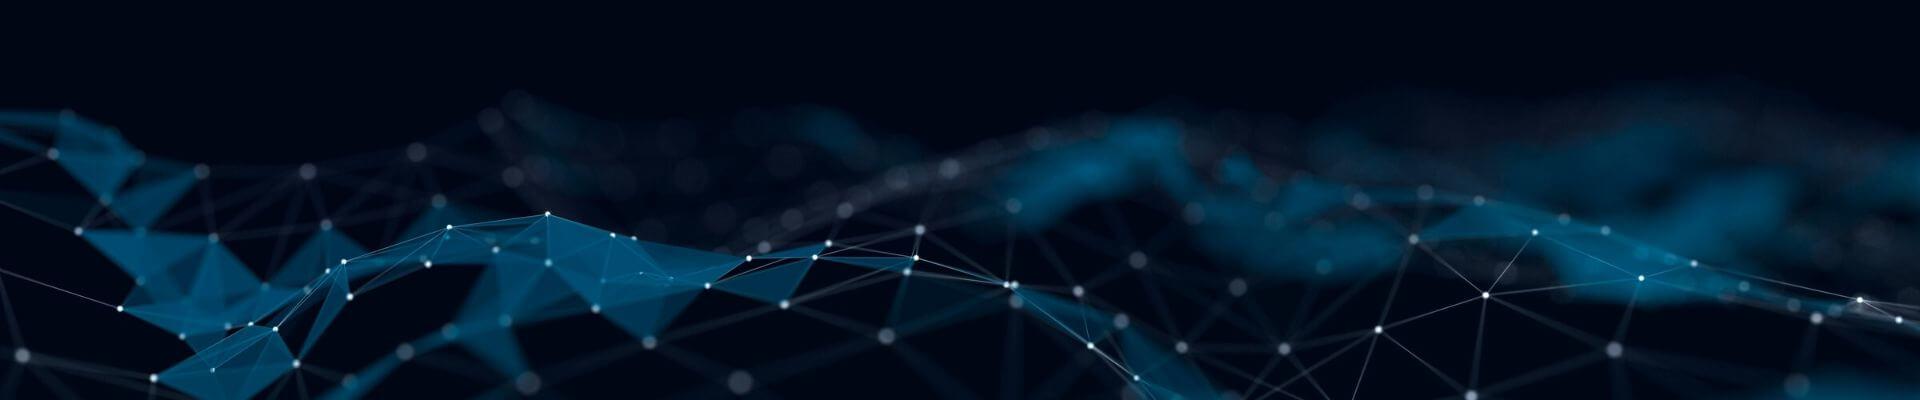 人工知能と知的財産権――人工知能(AI)ソリューションと知的財産(IP)業界に関する見解